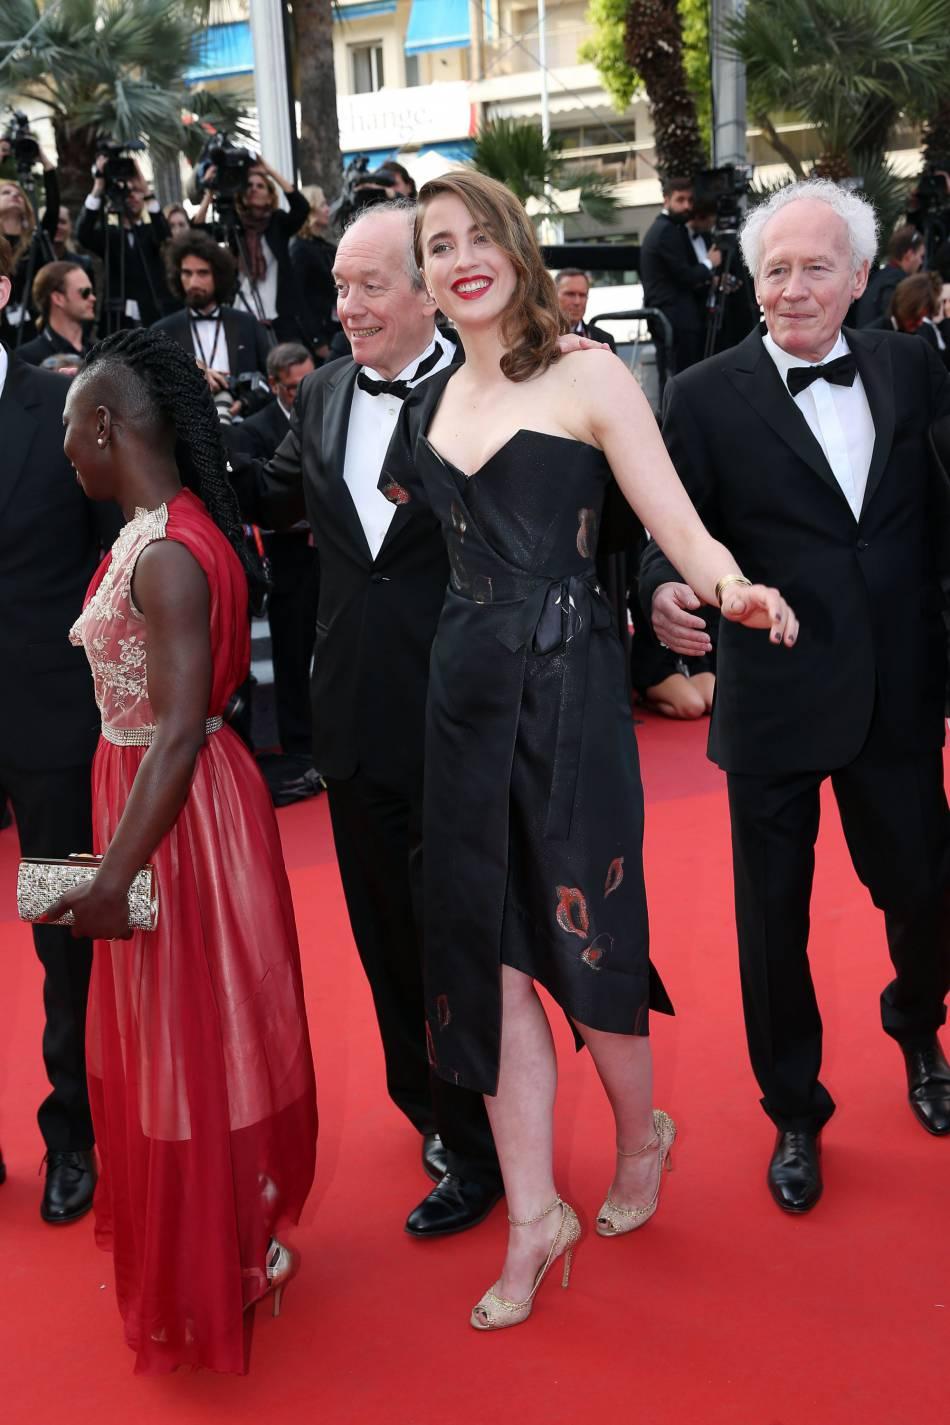 """Mercredi 18 mai, c'est le casting du film """"La fille inconnue qui a monté les marches"""" : Nadège Ouedraogo, Luc Dardenne, Adèle Haenel, Jean-Pierre Dardenne."""